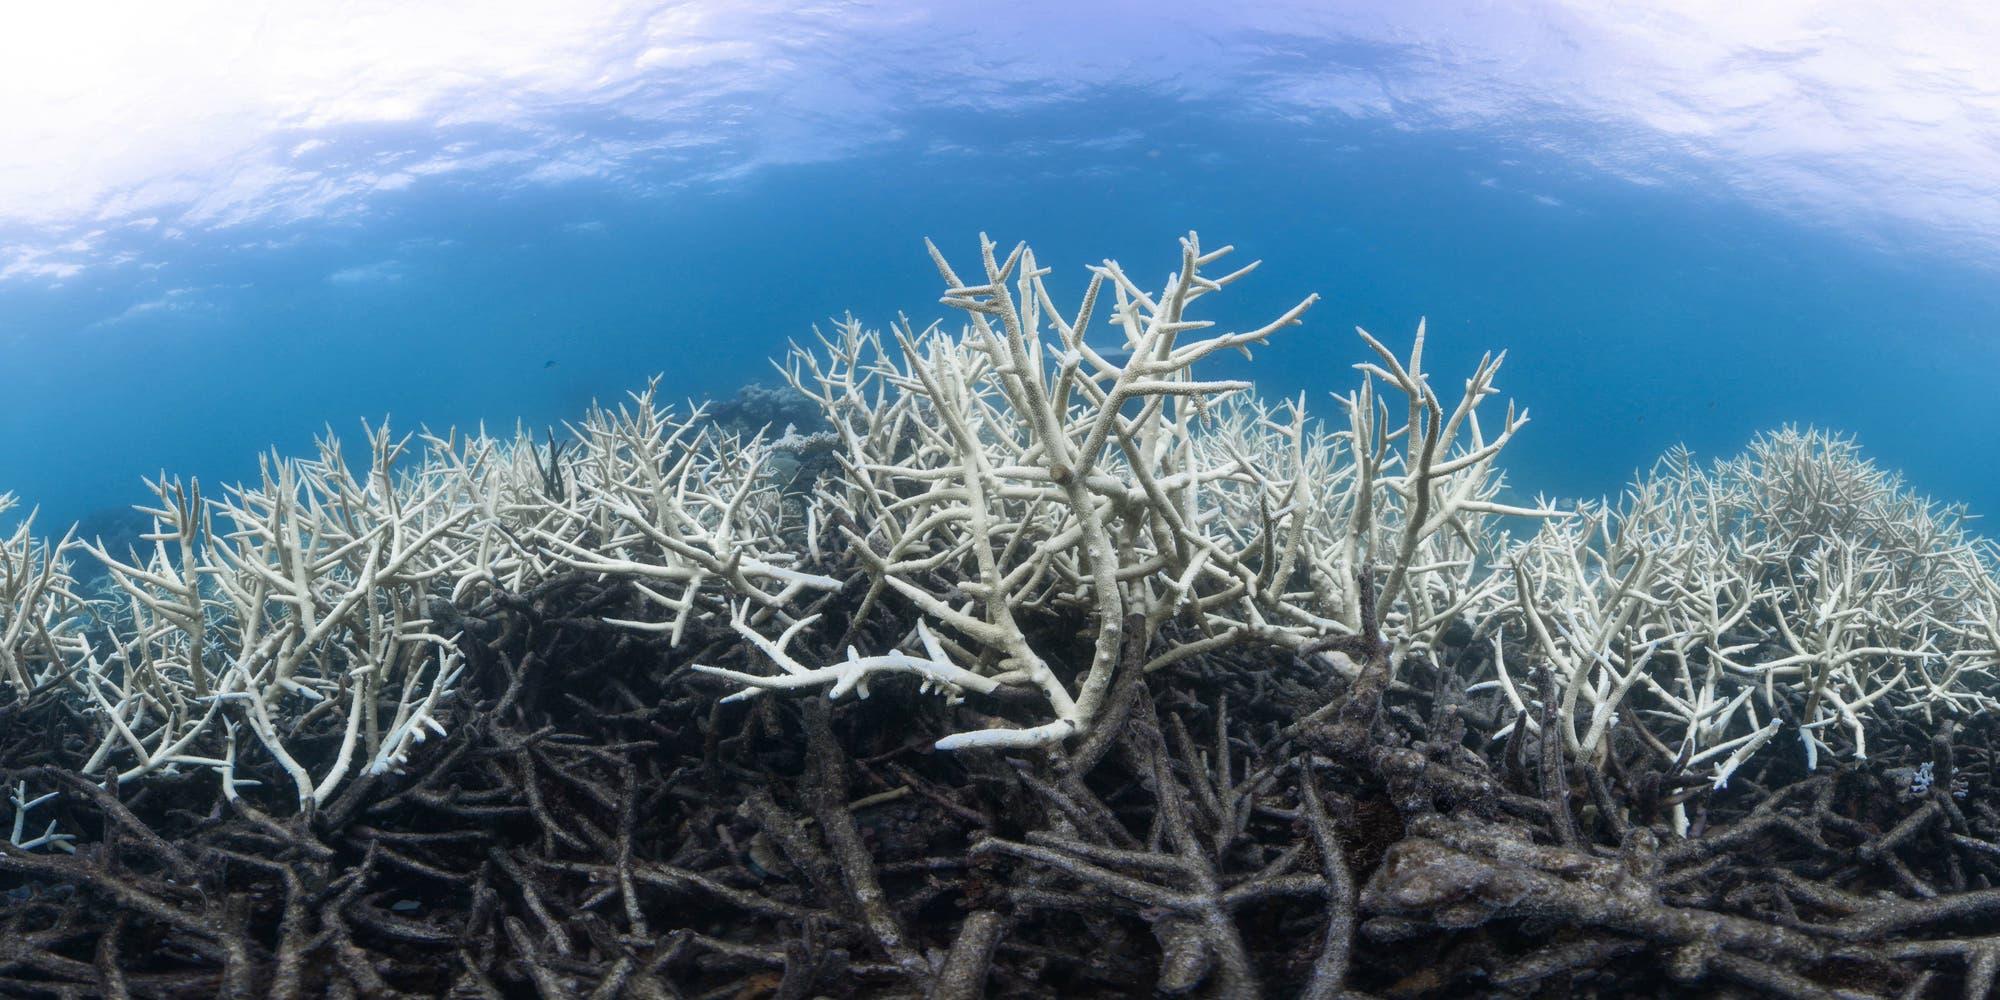 Todeszone im australischen Great Barrier Reef